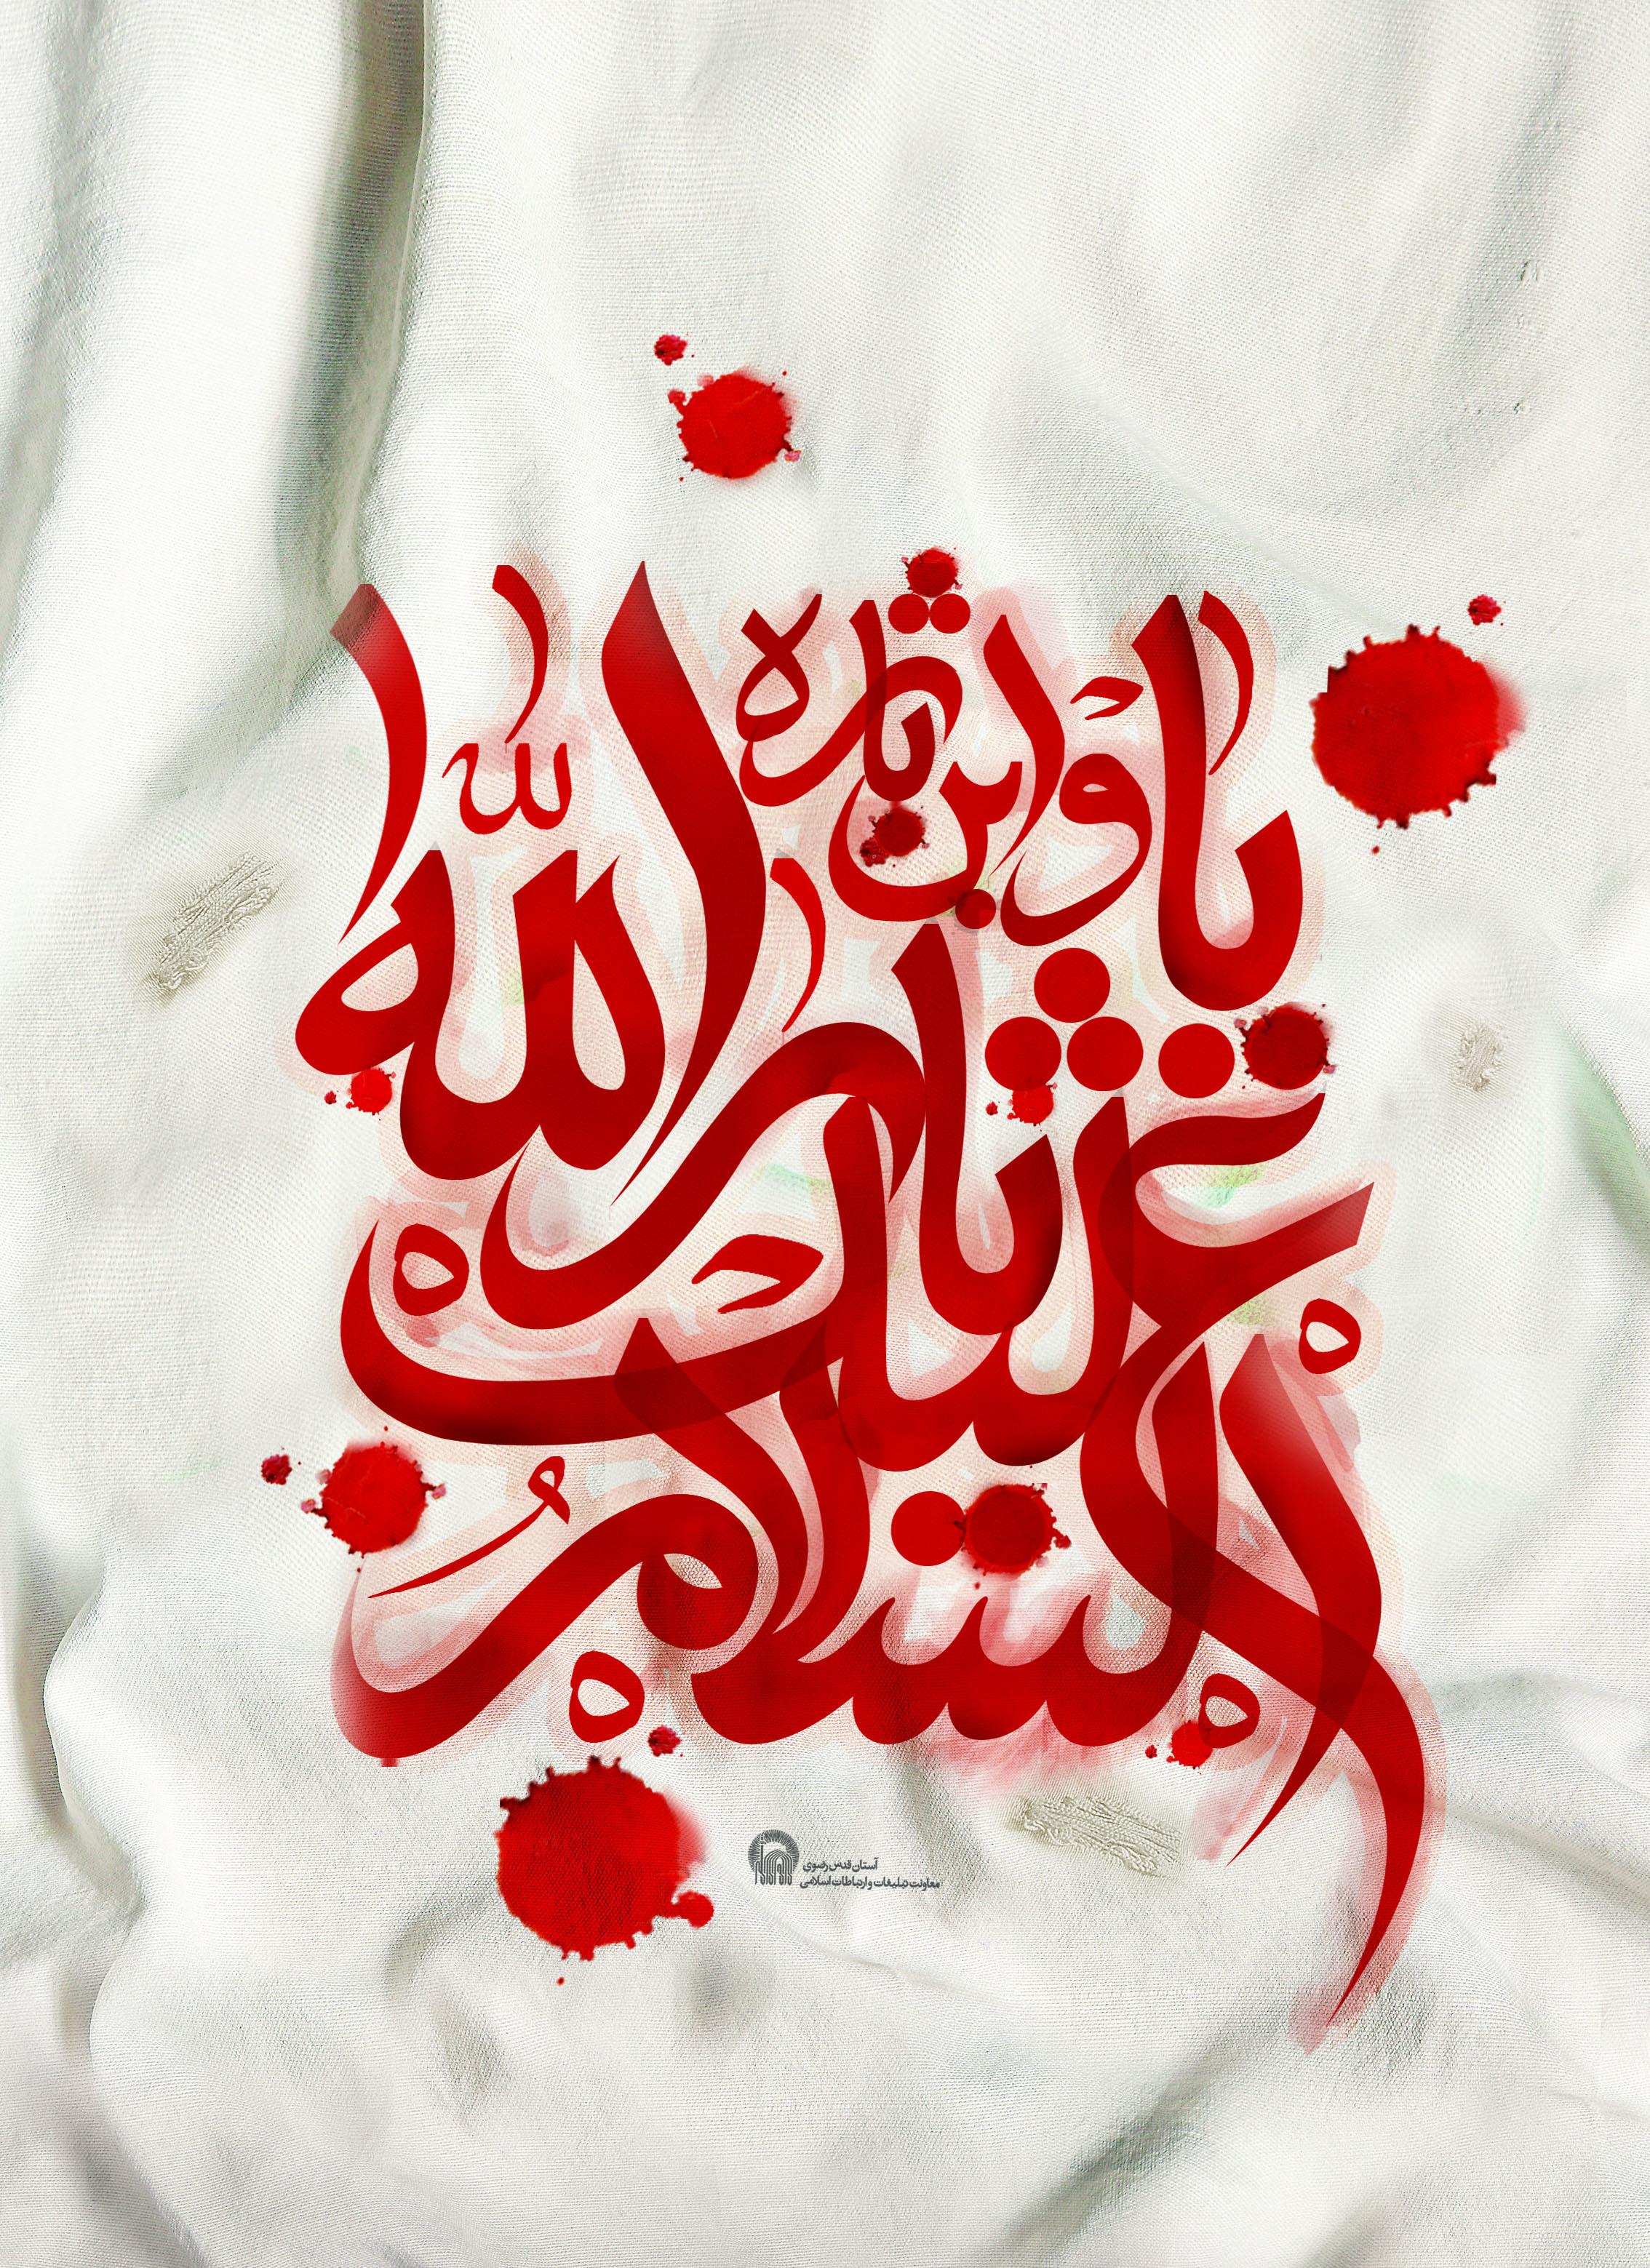 عکس شعر امام حسین